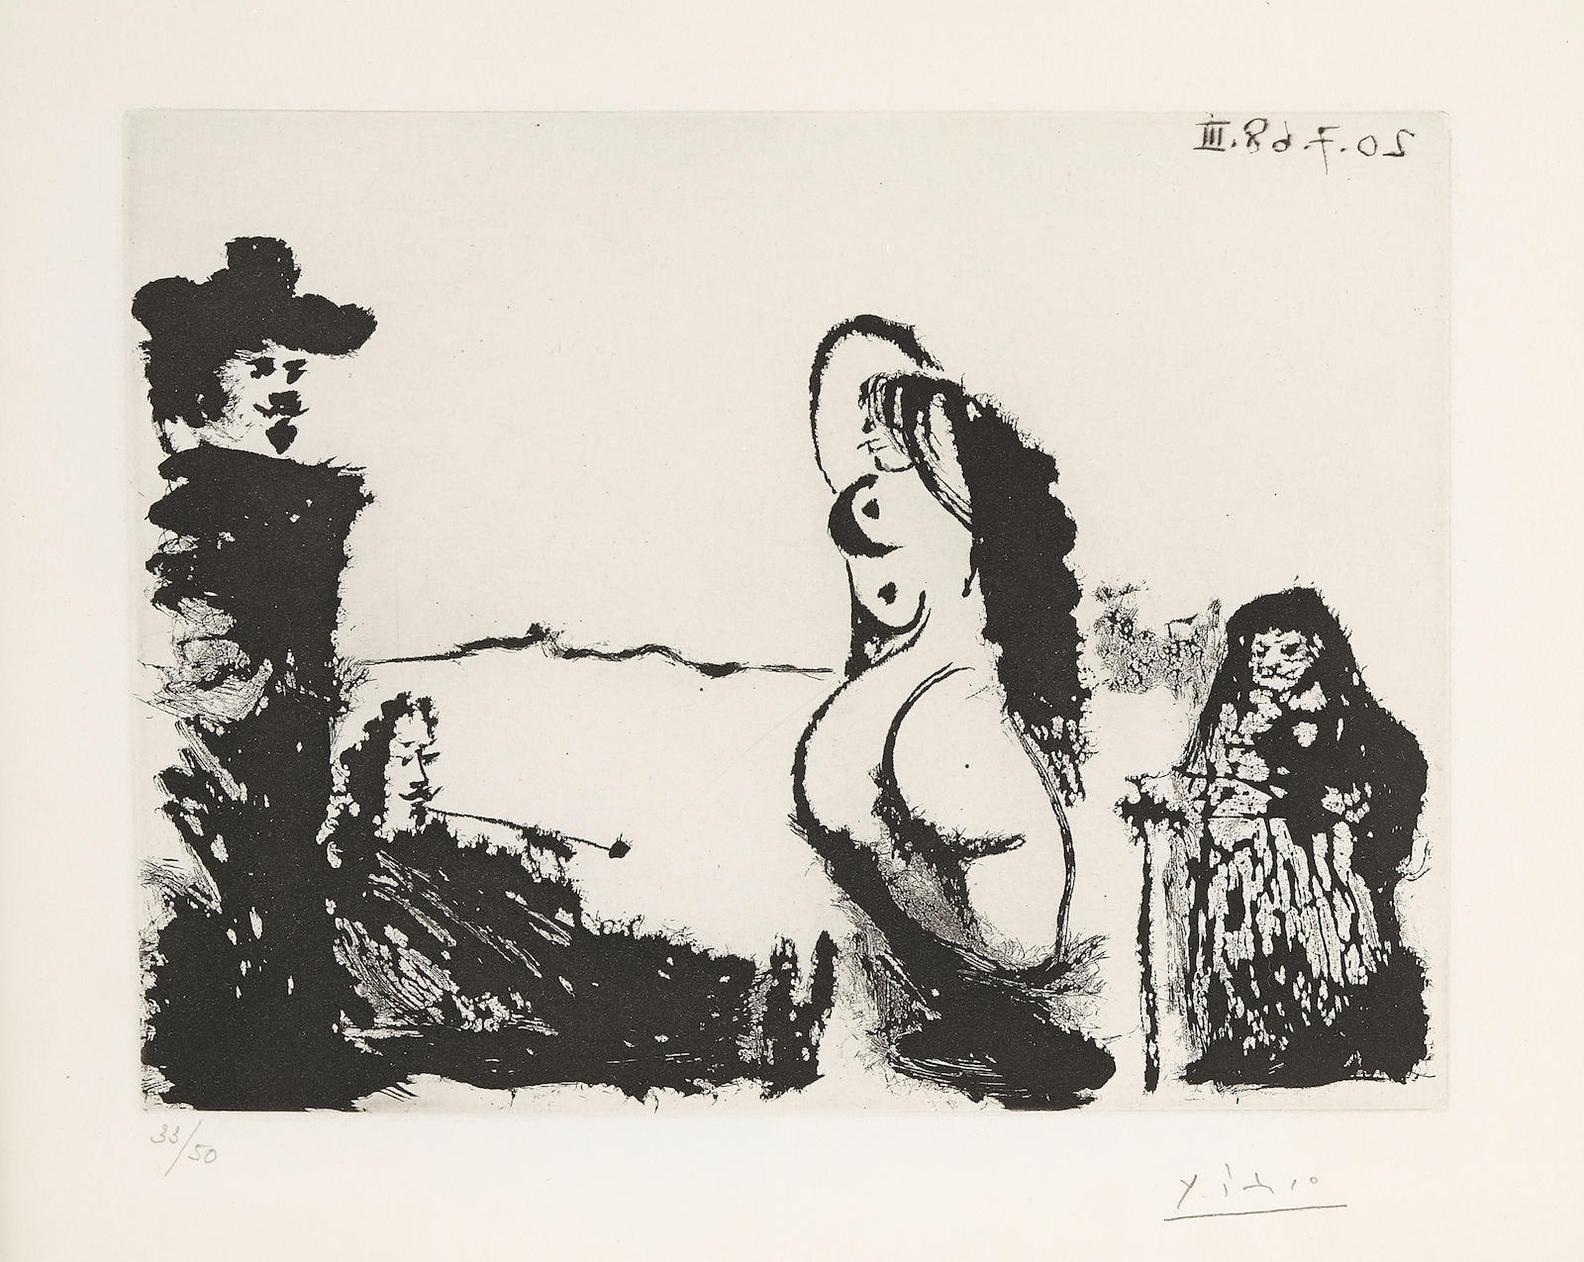 Pablo Picasso-Un Dejeuner Sur Lherbe Rembranesque, Avec Maja Et Celestine, Pl. 211, From La Serie 347 (B. 1689), 1968-1968